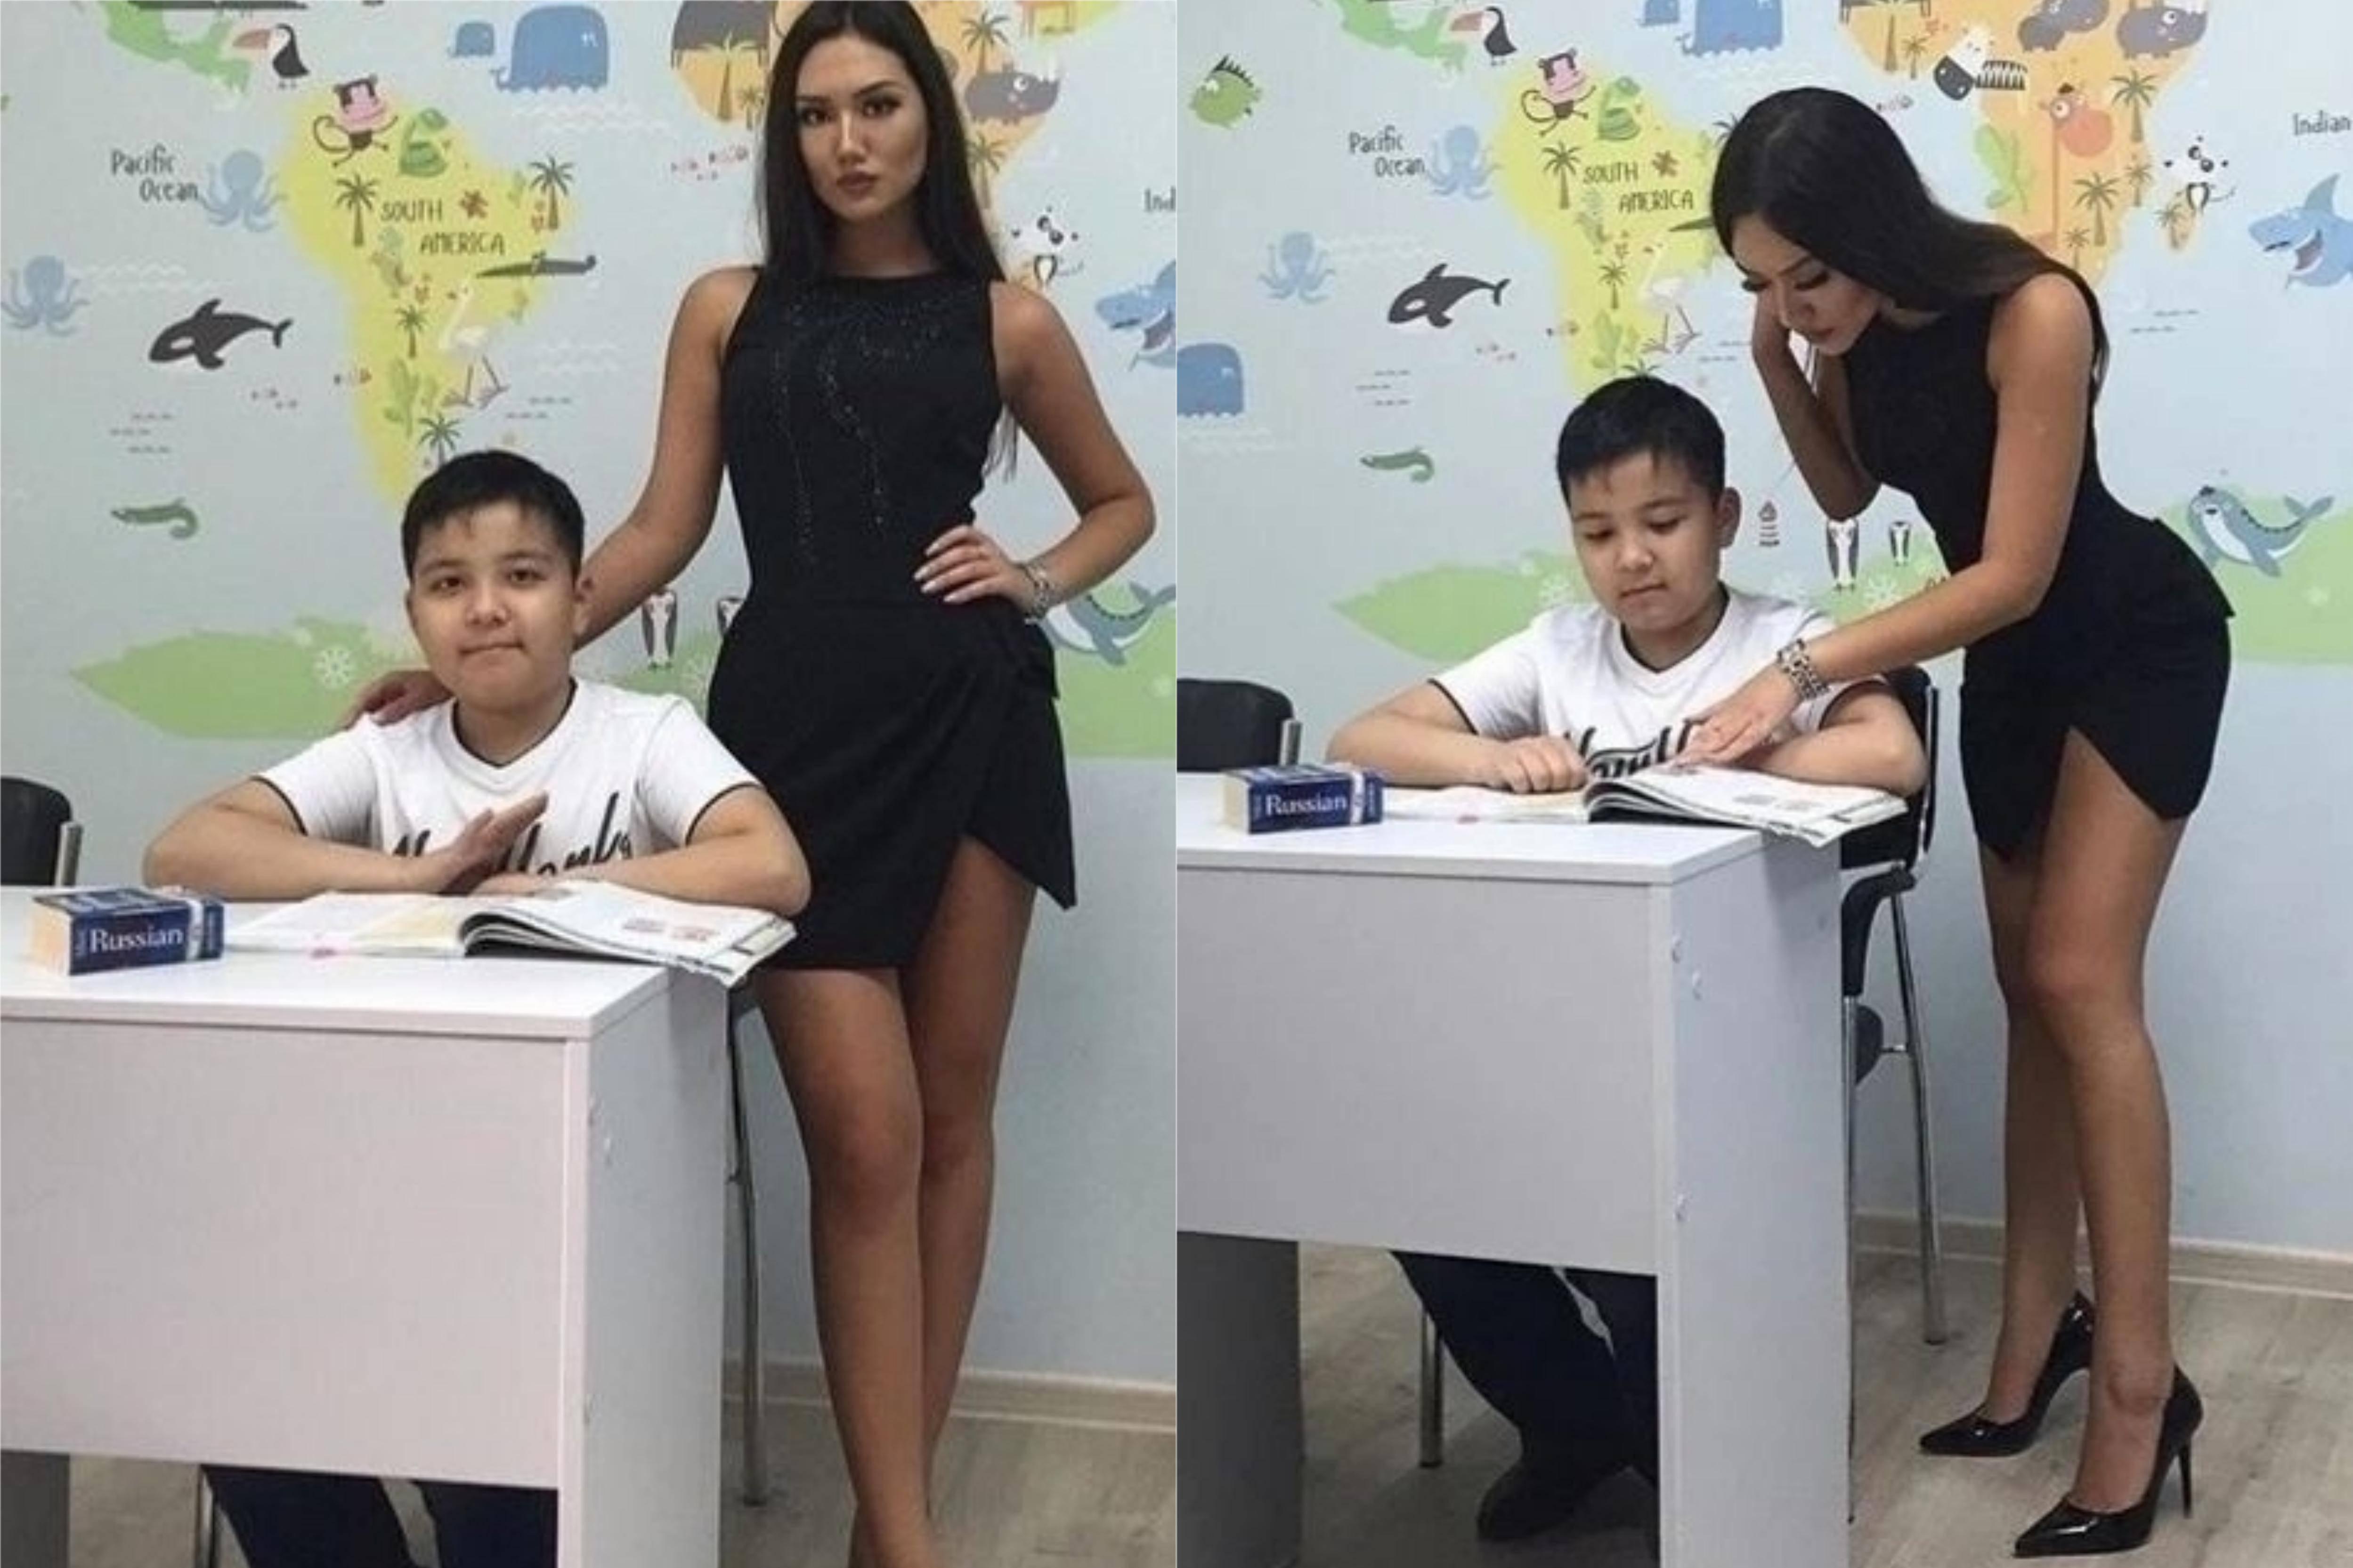 Фото этой учительницы из Караганды покорили даже зарубежные СМИ, но правда их сильно разочаровала